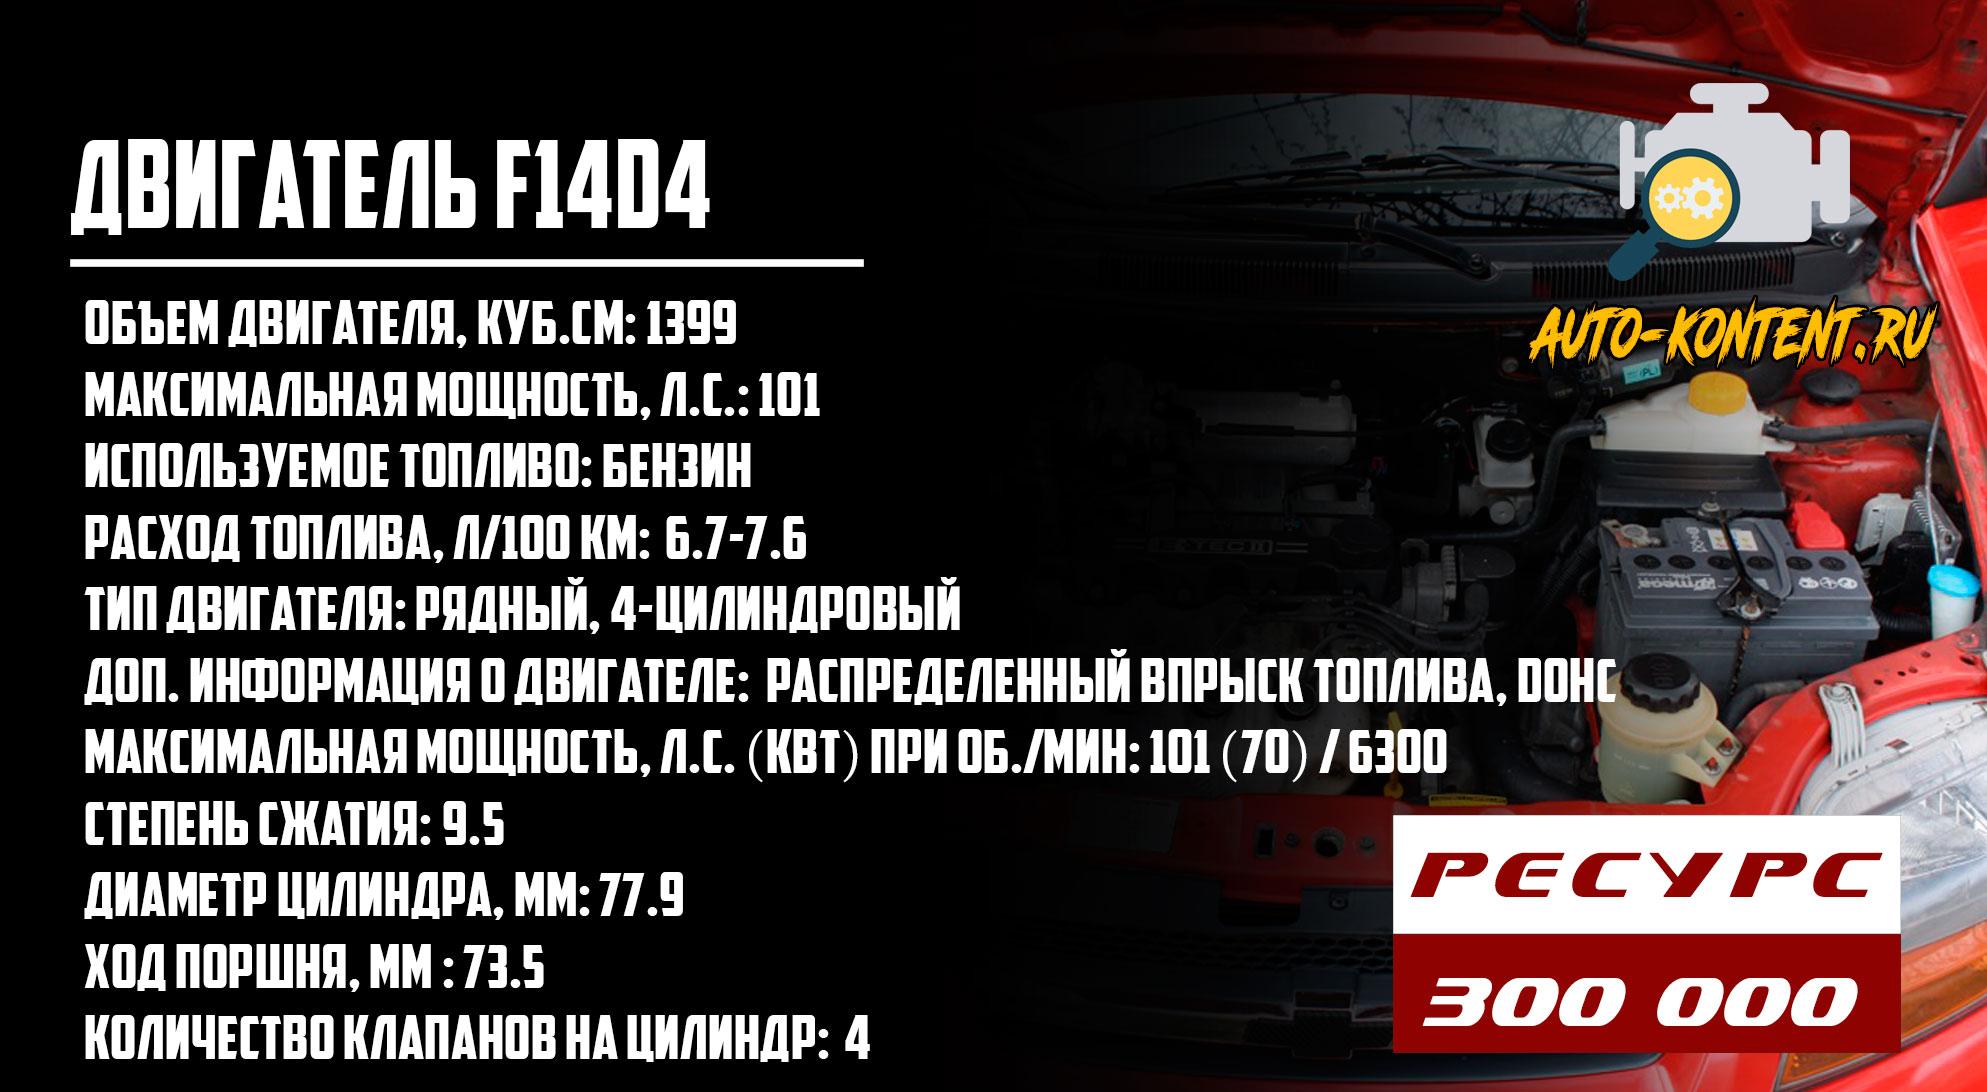 F14D4